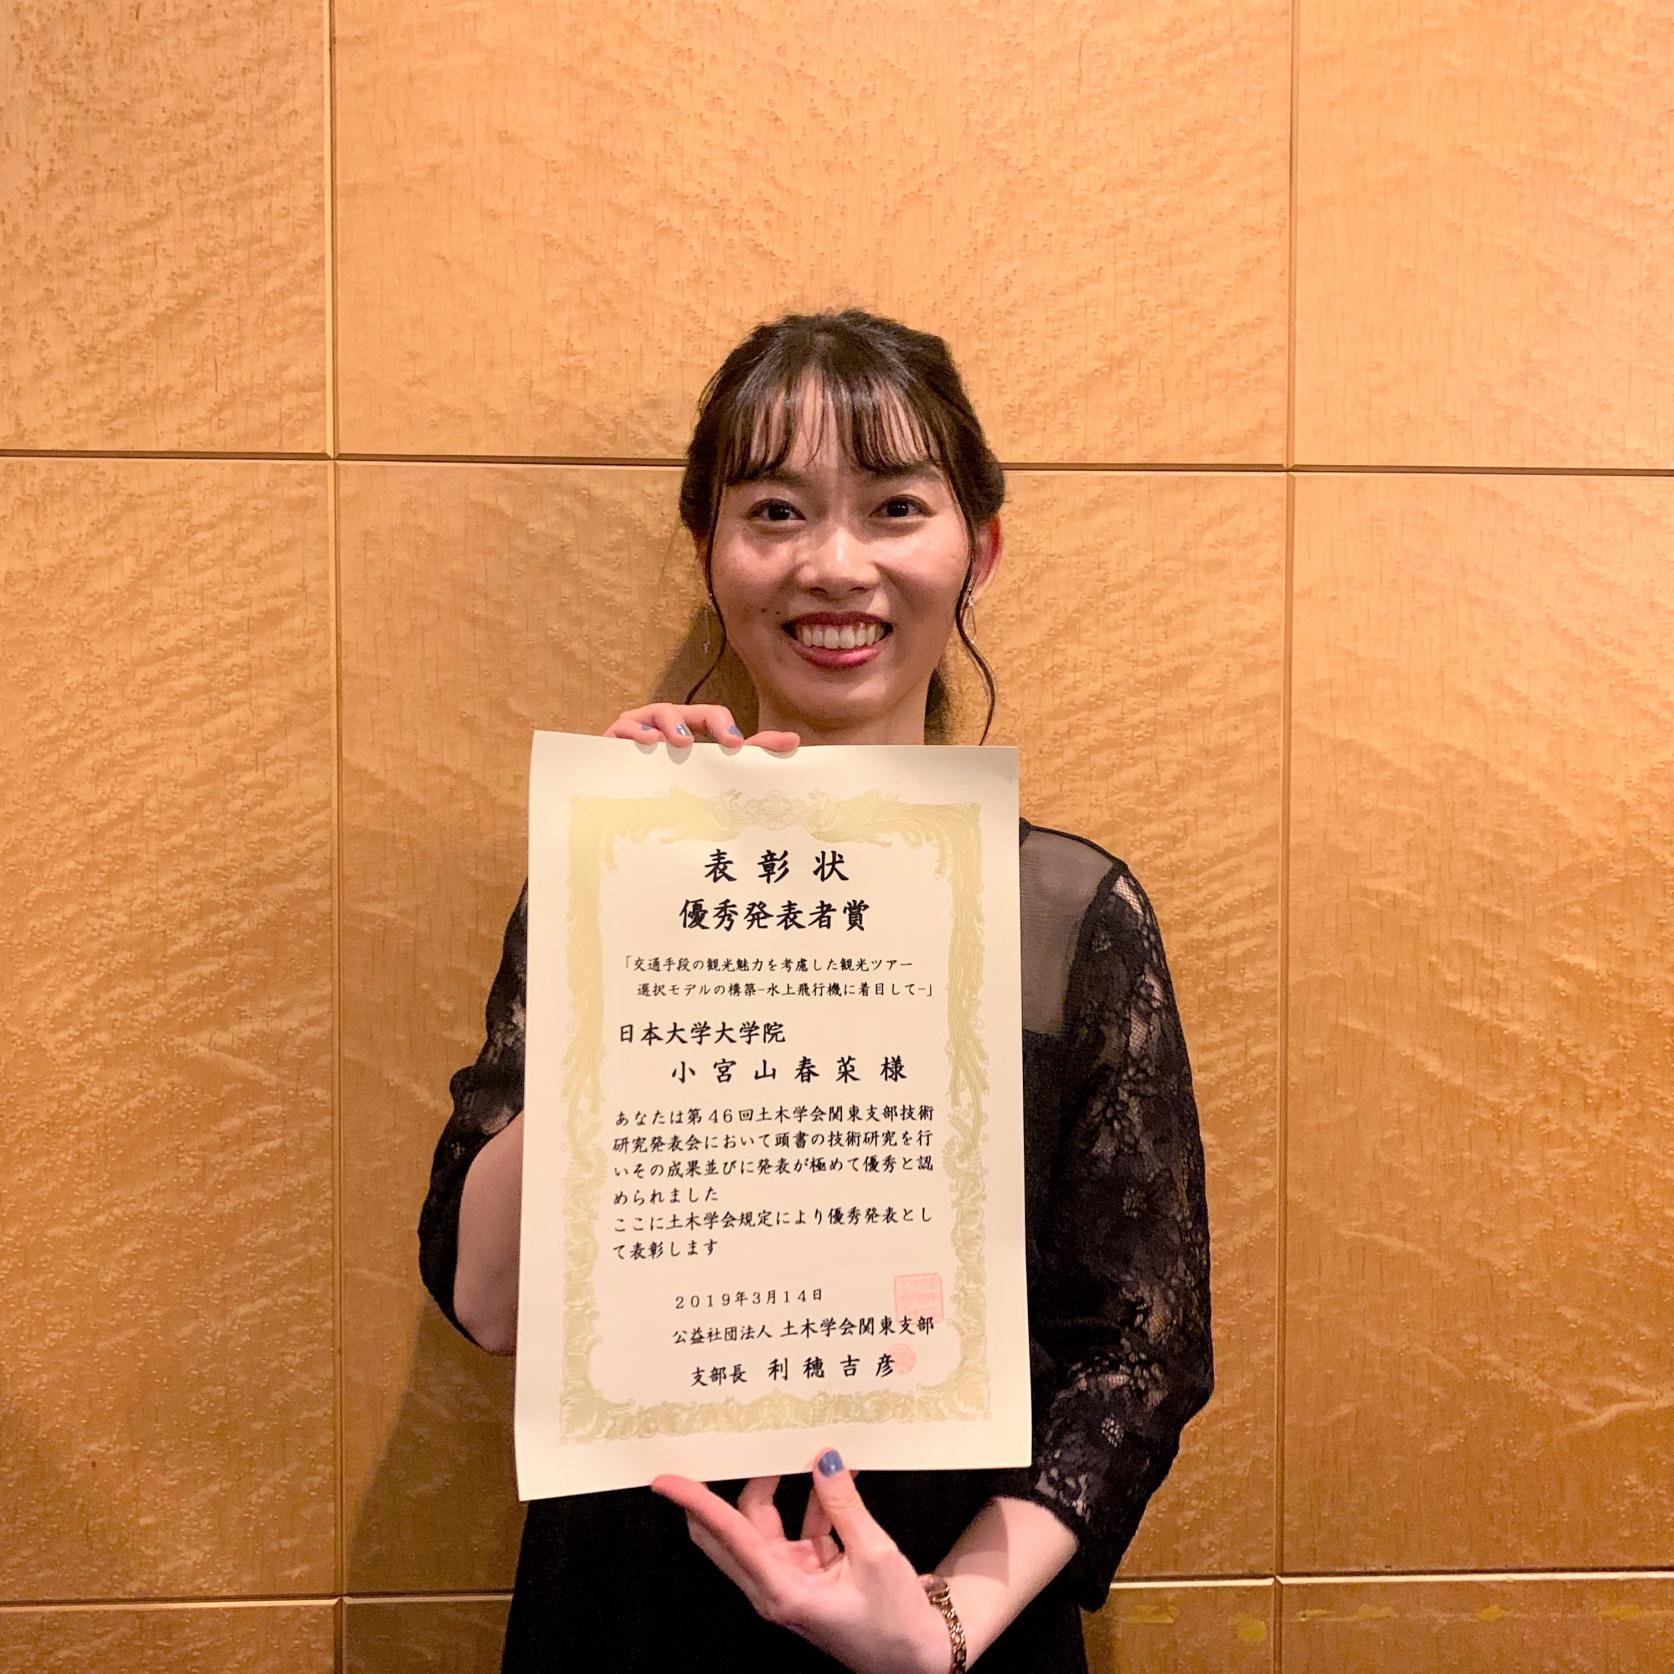 博士前期課程交通システム工学専攻2年の小宮山春菜さんが「第46回土木学会関東支部技術研究発表会」において優秀発表者賞を受賞しました。